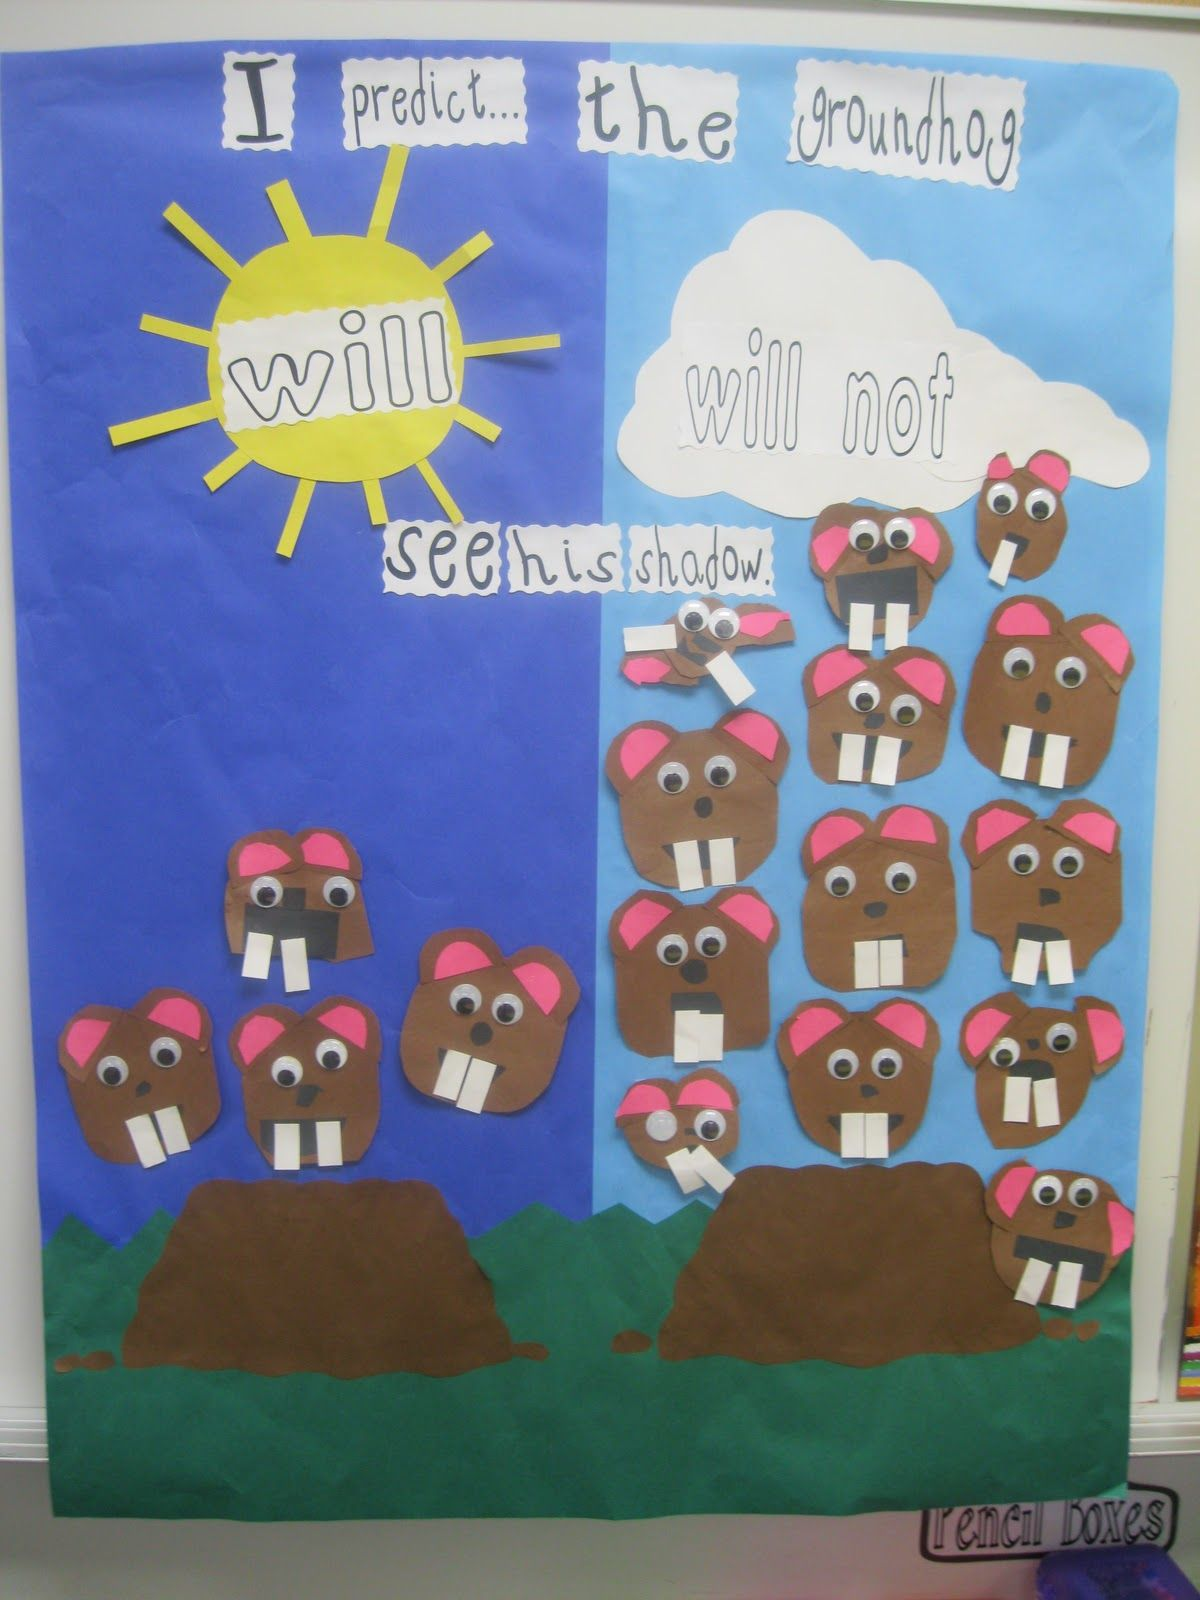 Groundhog Day Prediction Worksheet For Kindergarten